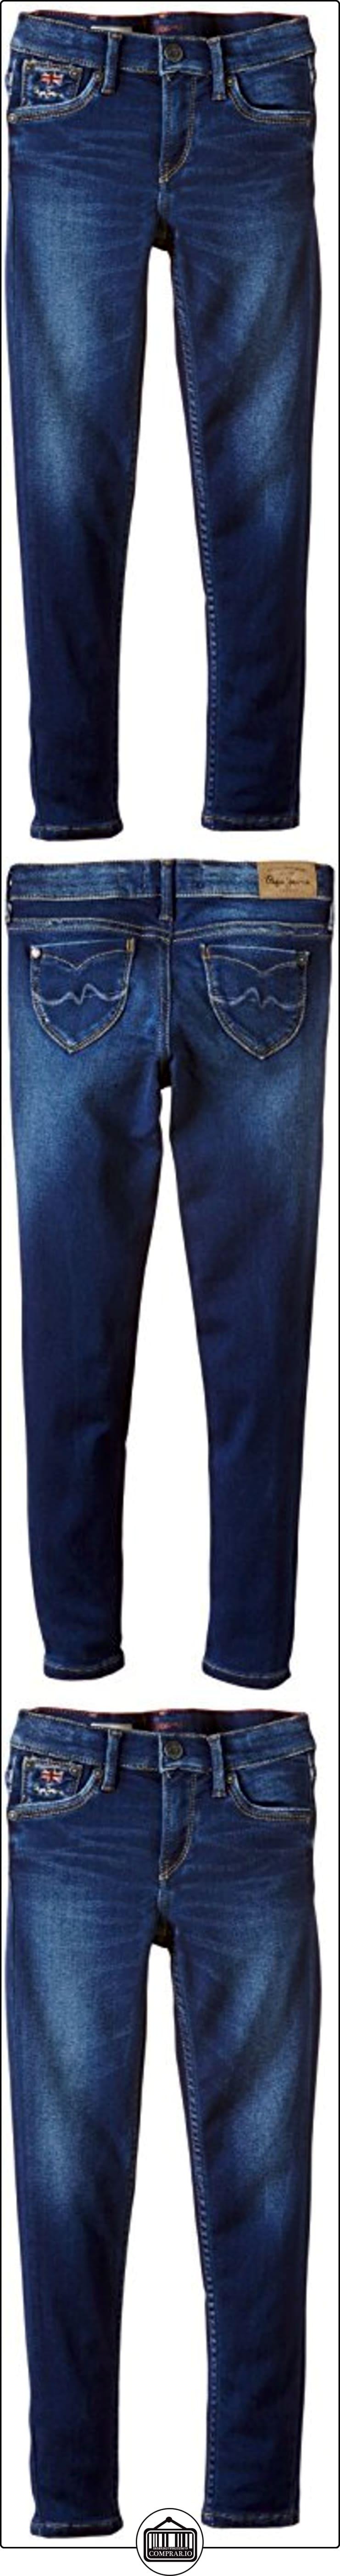 Pepe Jeans Snicker - Vaqueros para niñas, color blau denim, talla 2 años (92 cm)  ✿ Vaqueros ✿